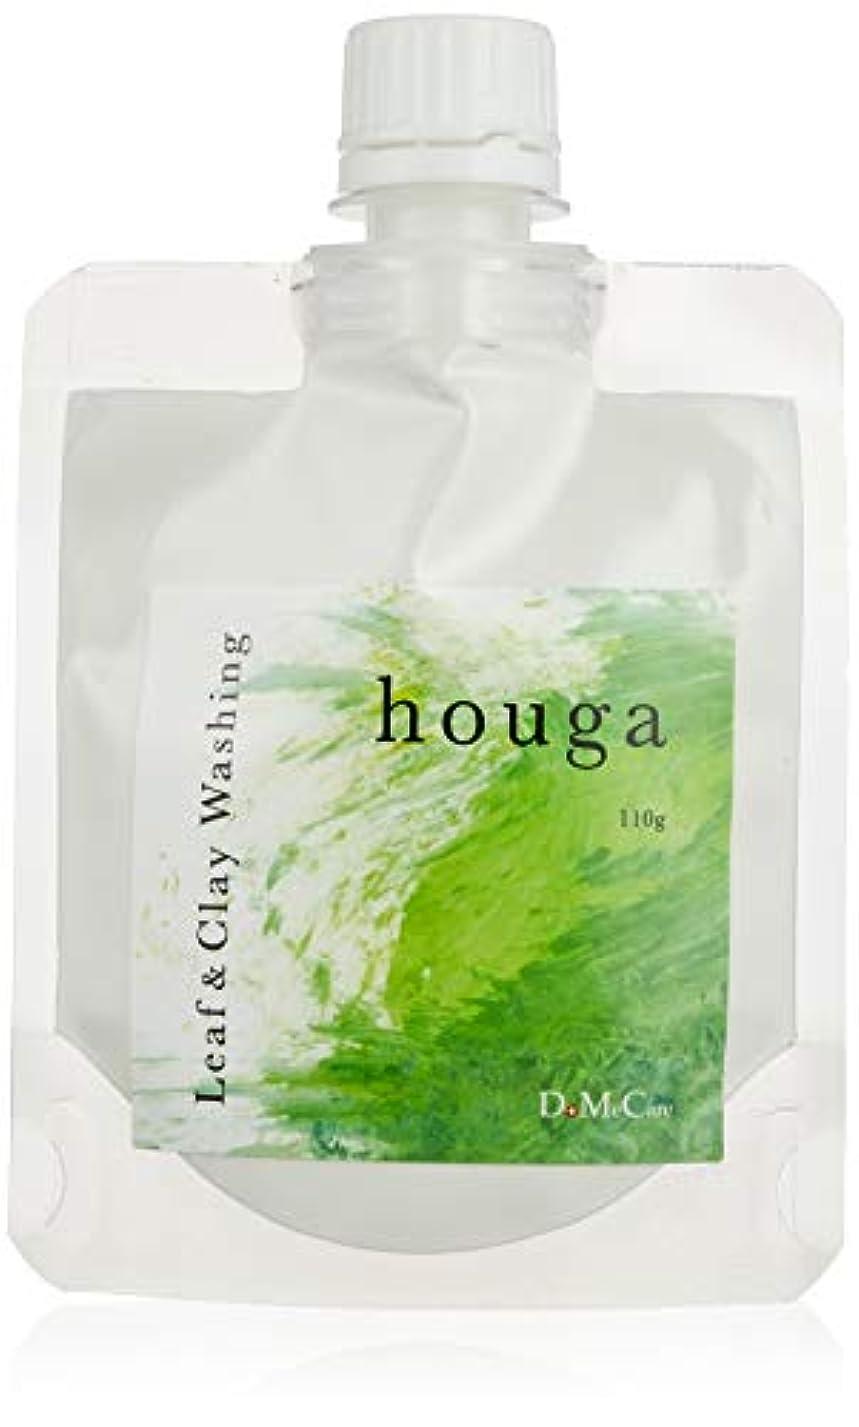 ファーザーファージュ飢饉明らかにするDMC 萌芽 リーフ&クレイ ウォッシング 110g 緑葉泥泡洗顔 houga Leaf&Clay Washing